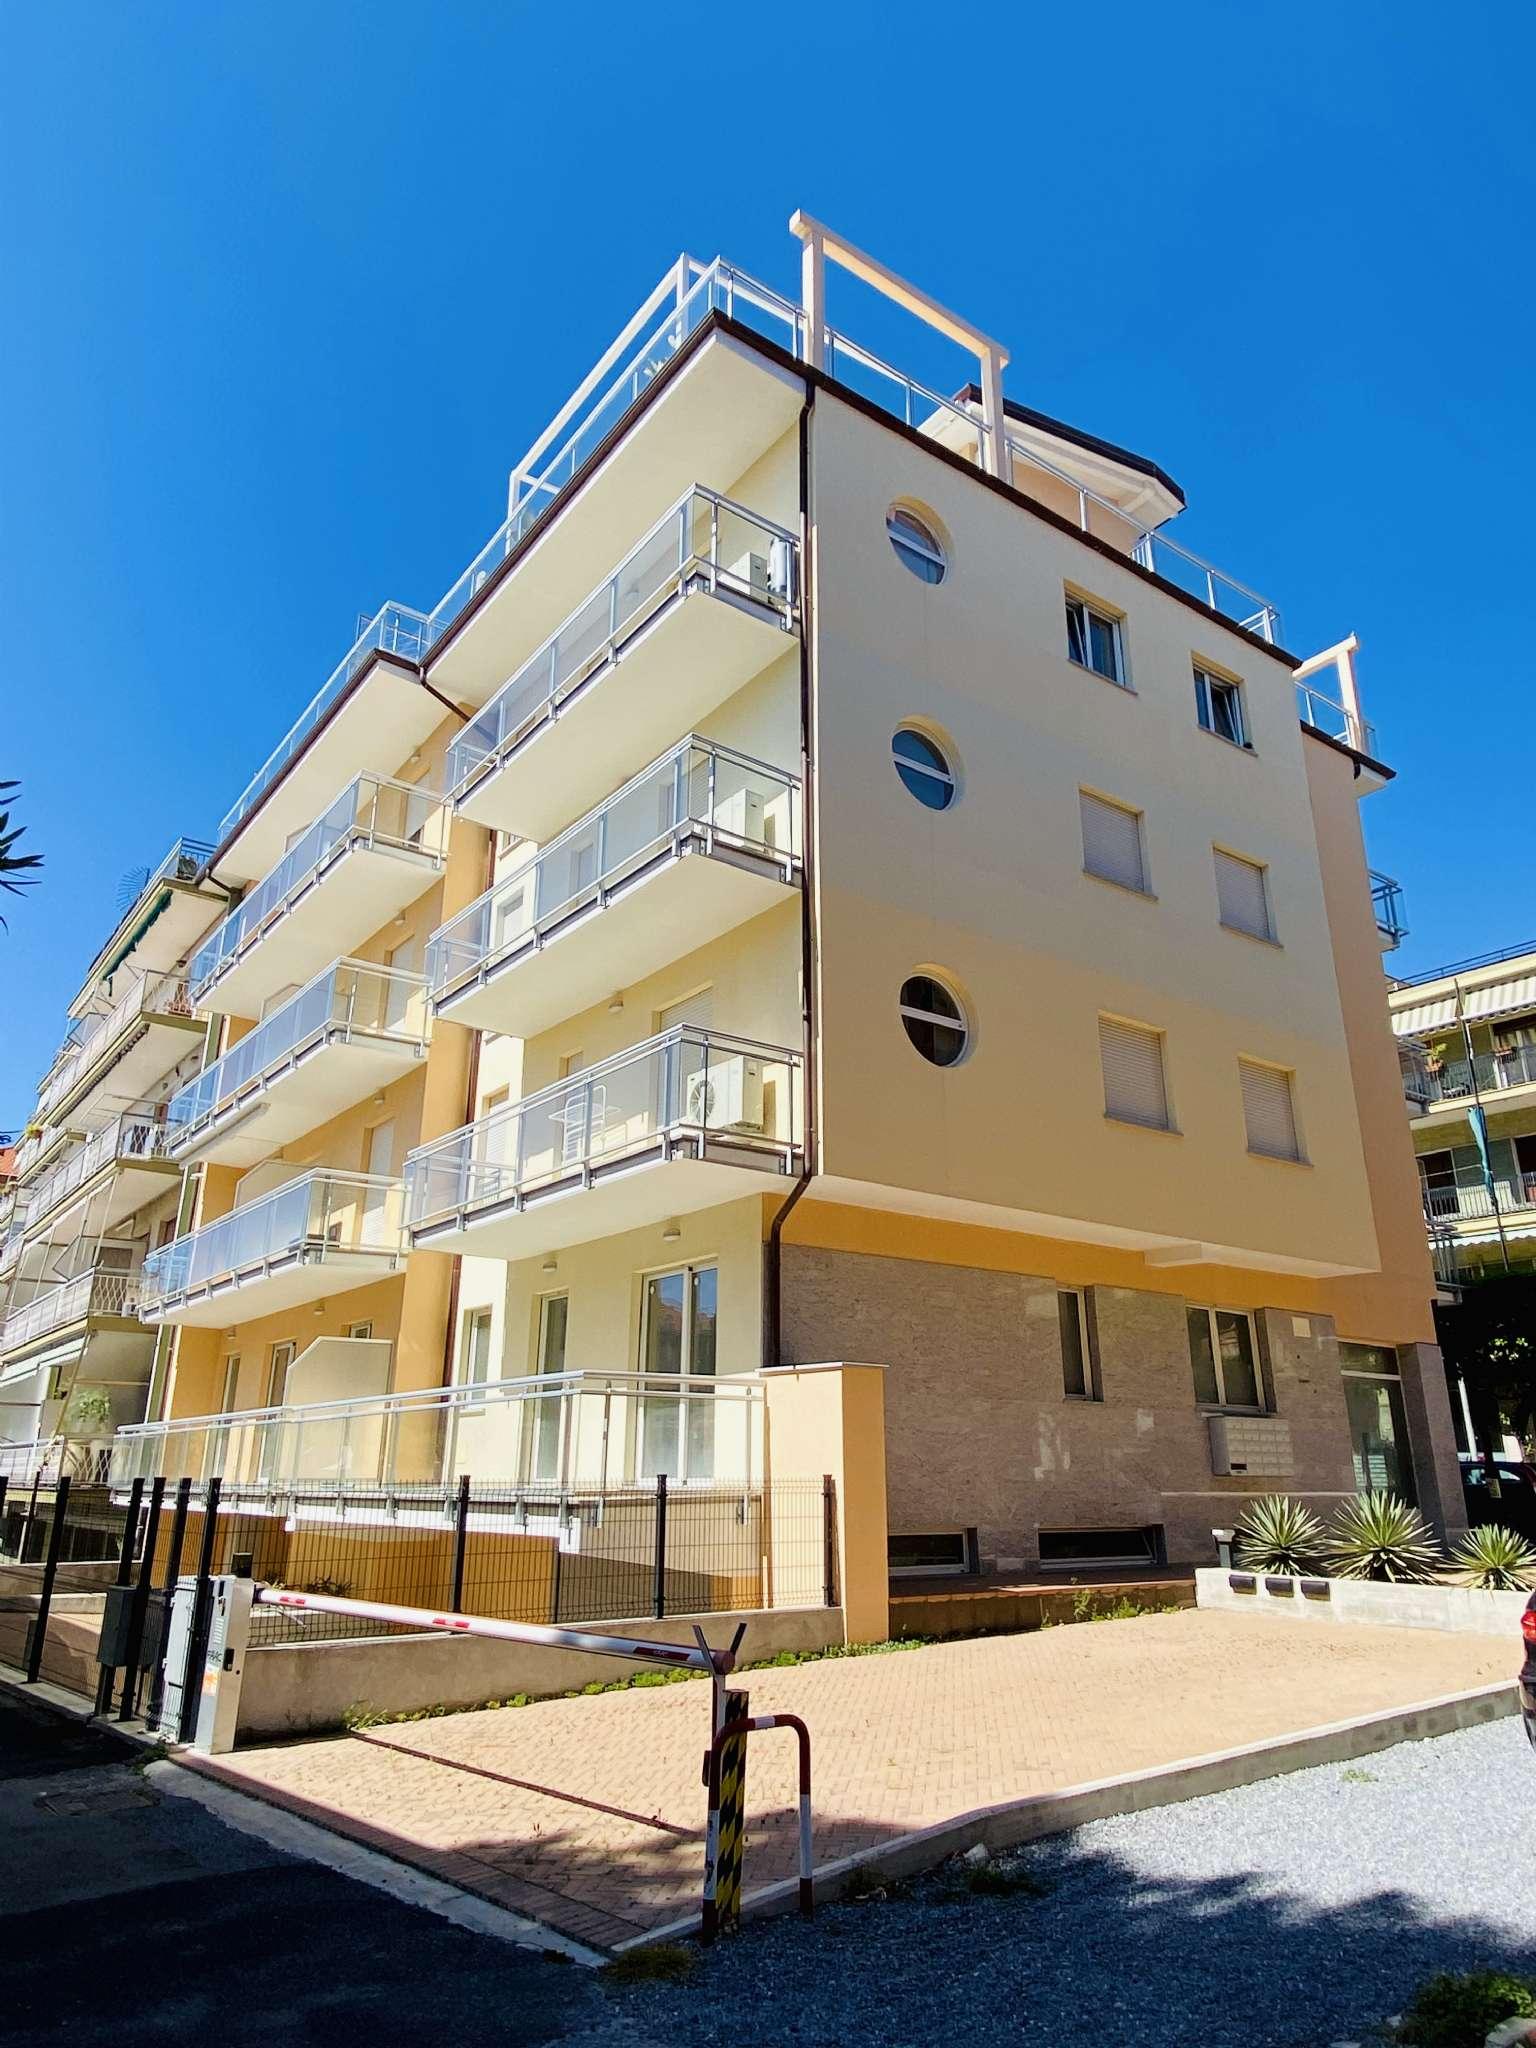 Appartamento in vendita a Diano Marina, 3 locali, prezzo € 350.000 | CambioCasa.it